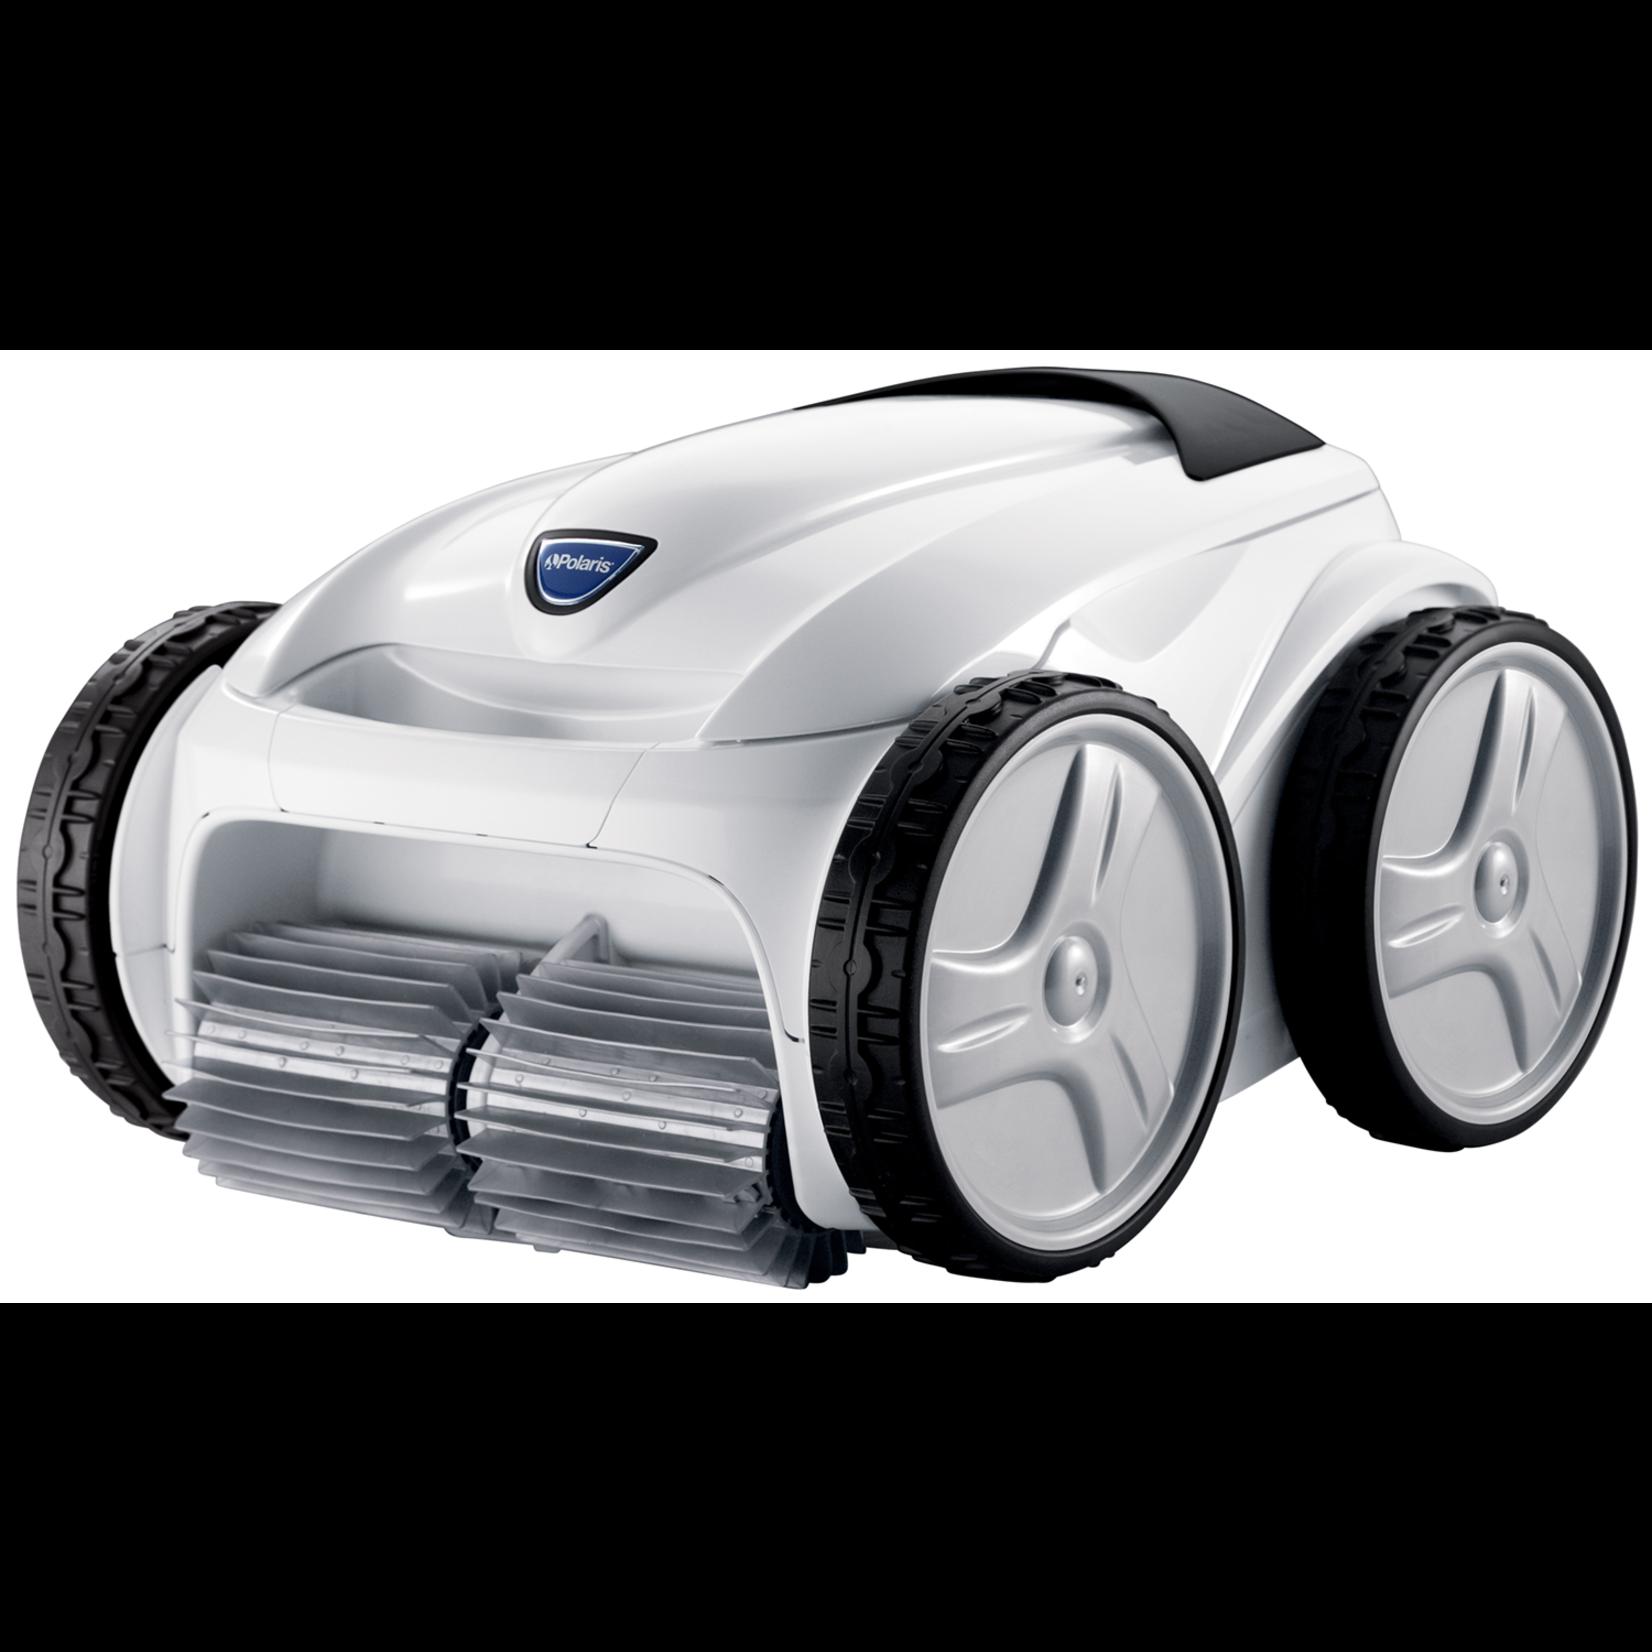 Polaris POLARIS ROBOTIC CLEANER 955